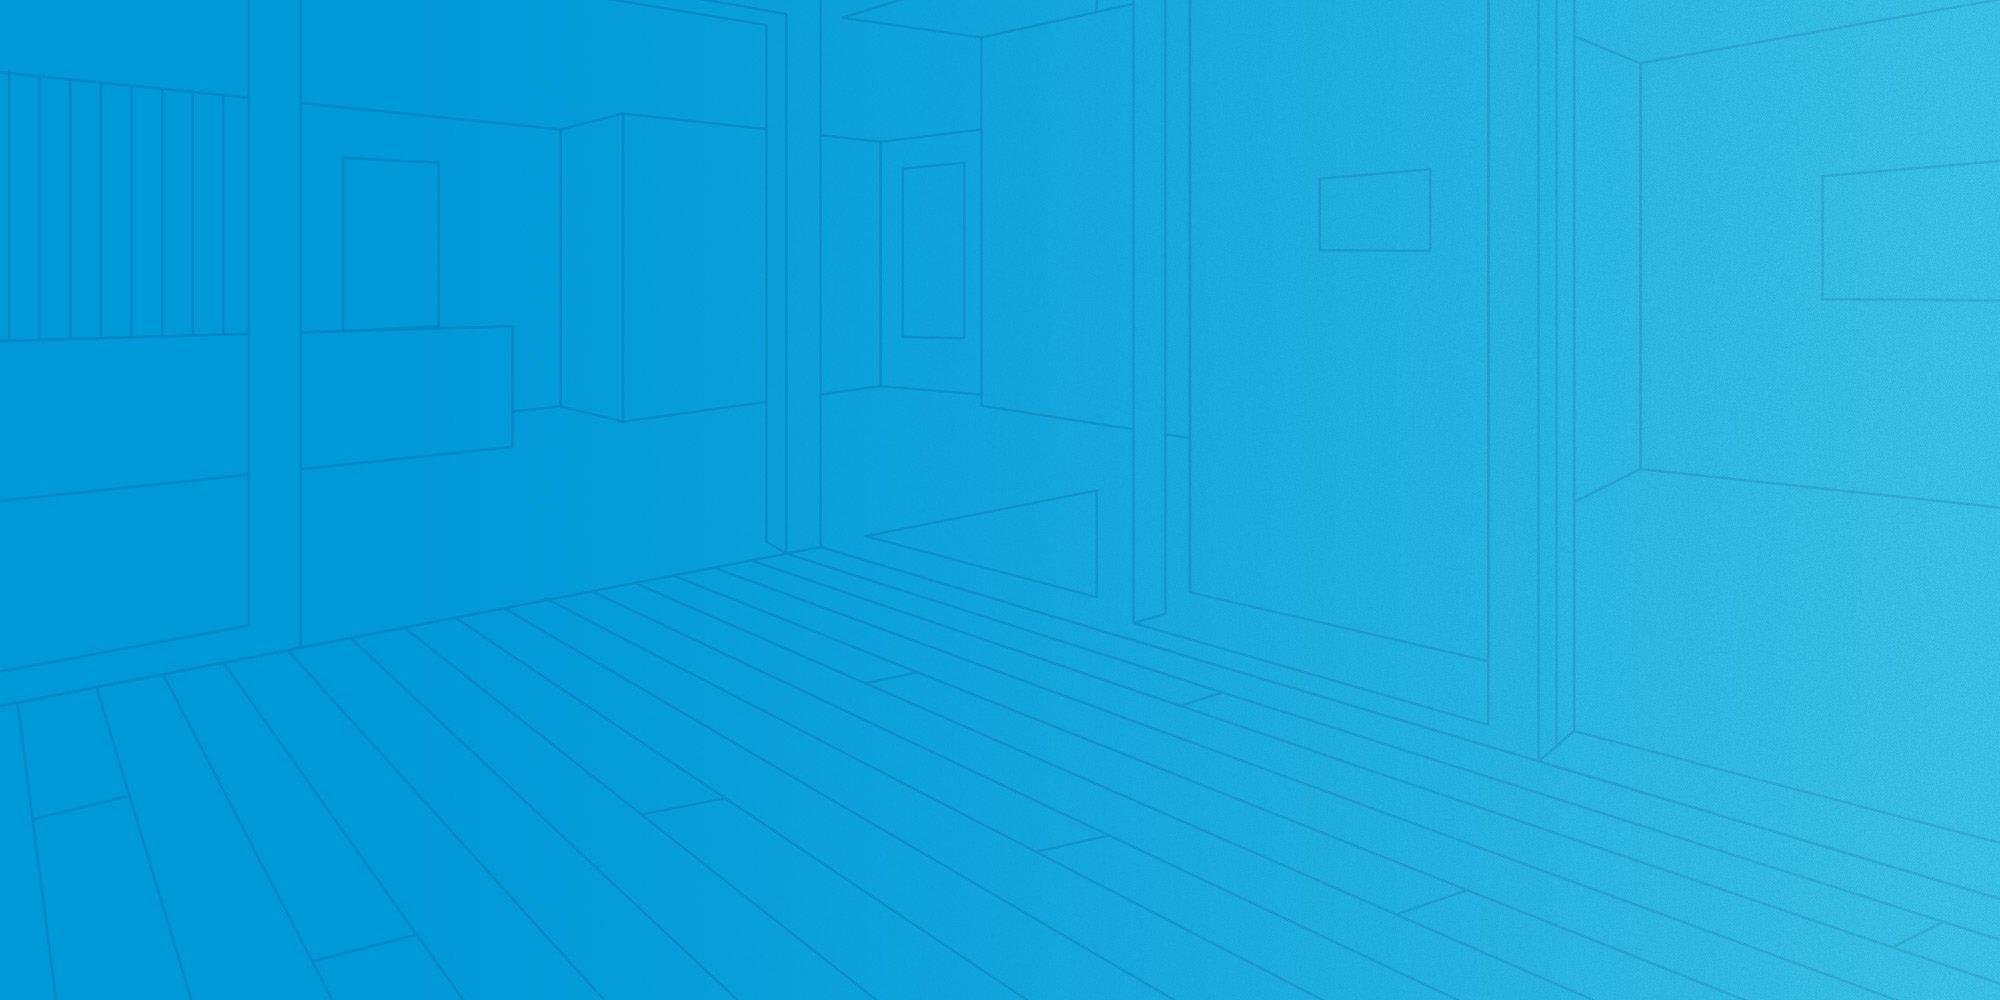 blue-blend-room